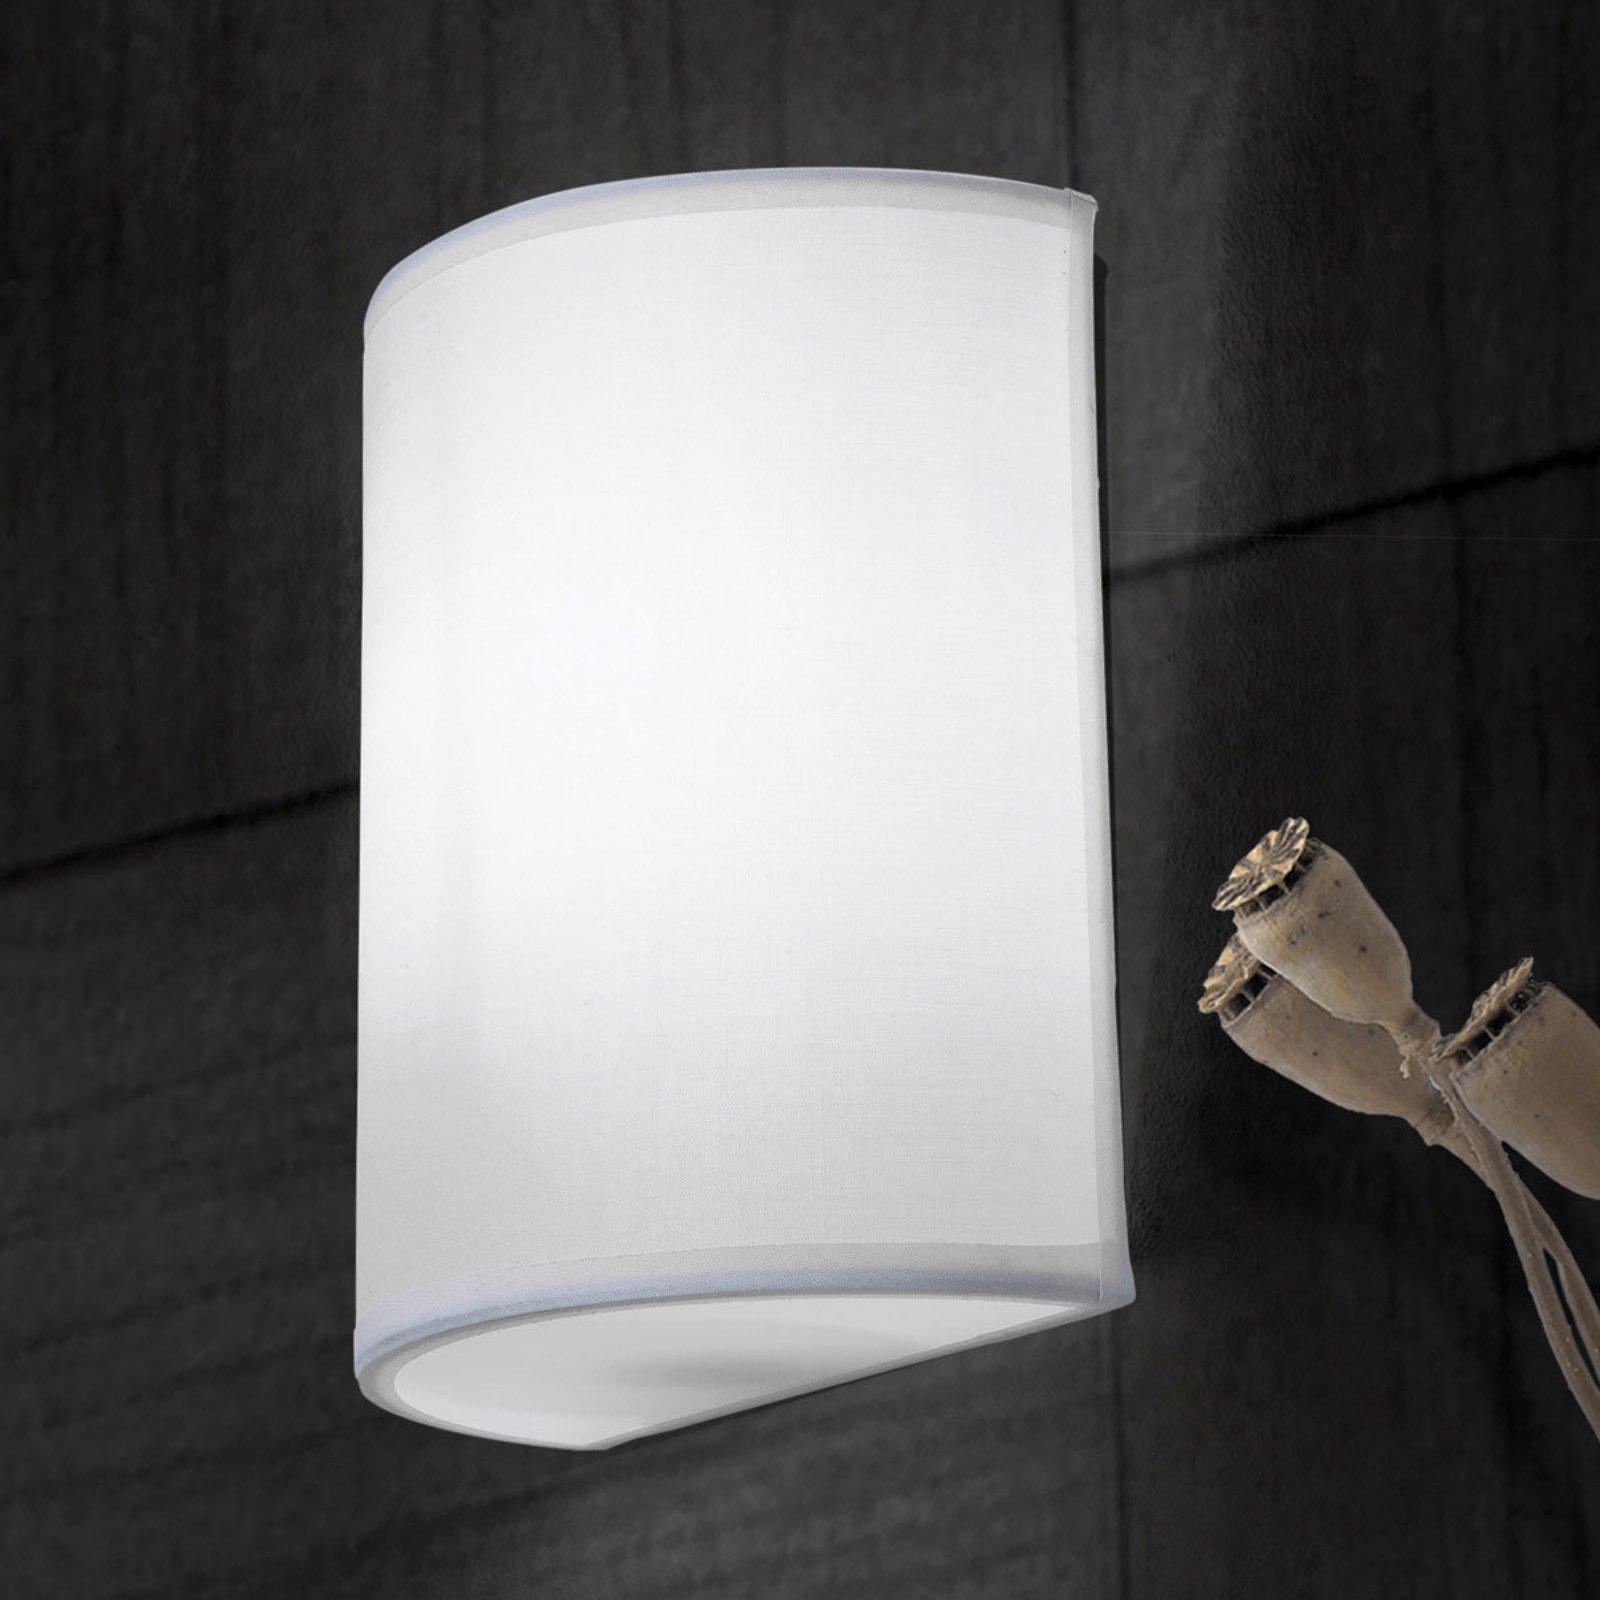 Vegglampe Ufo med linskjerm i hvit